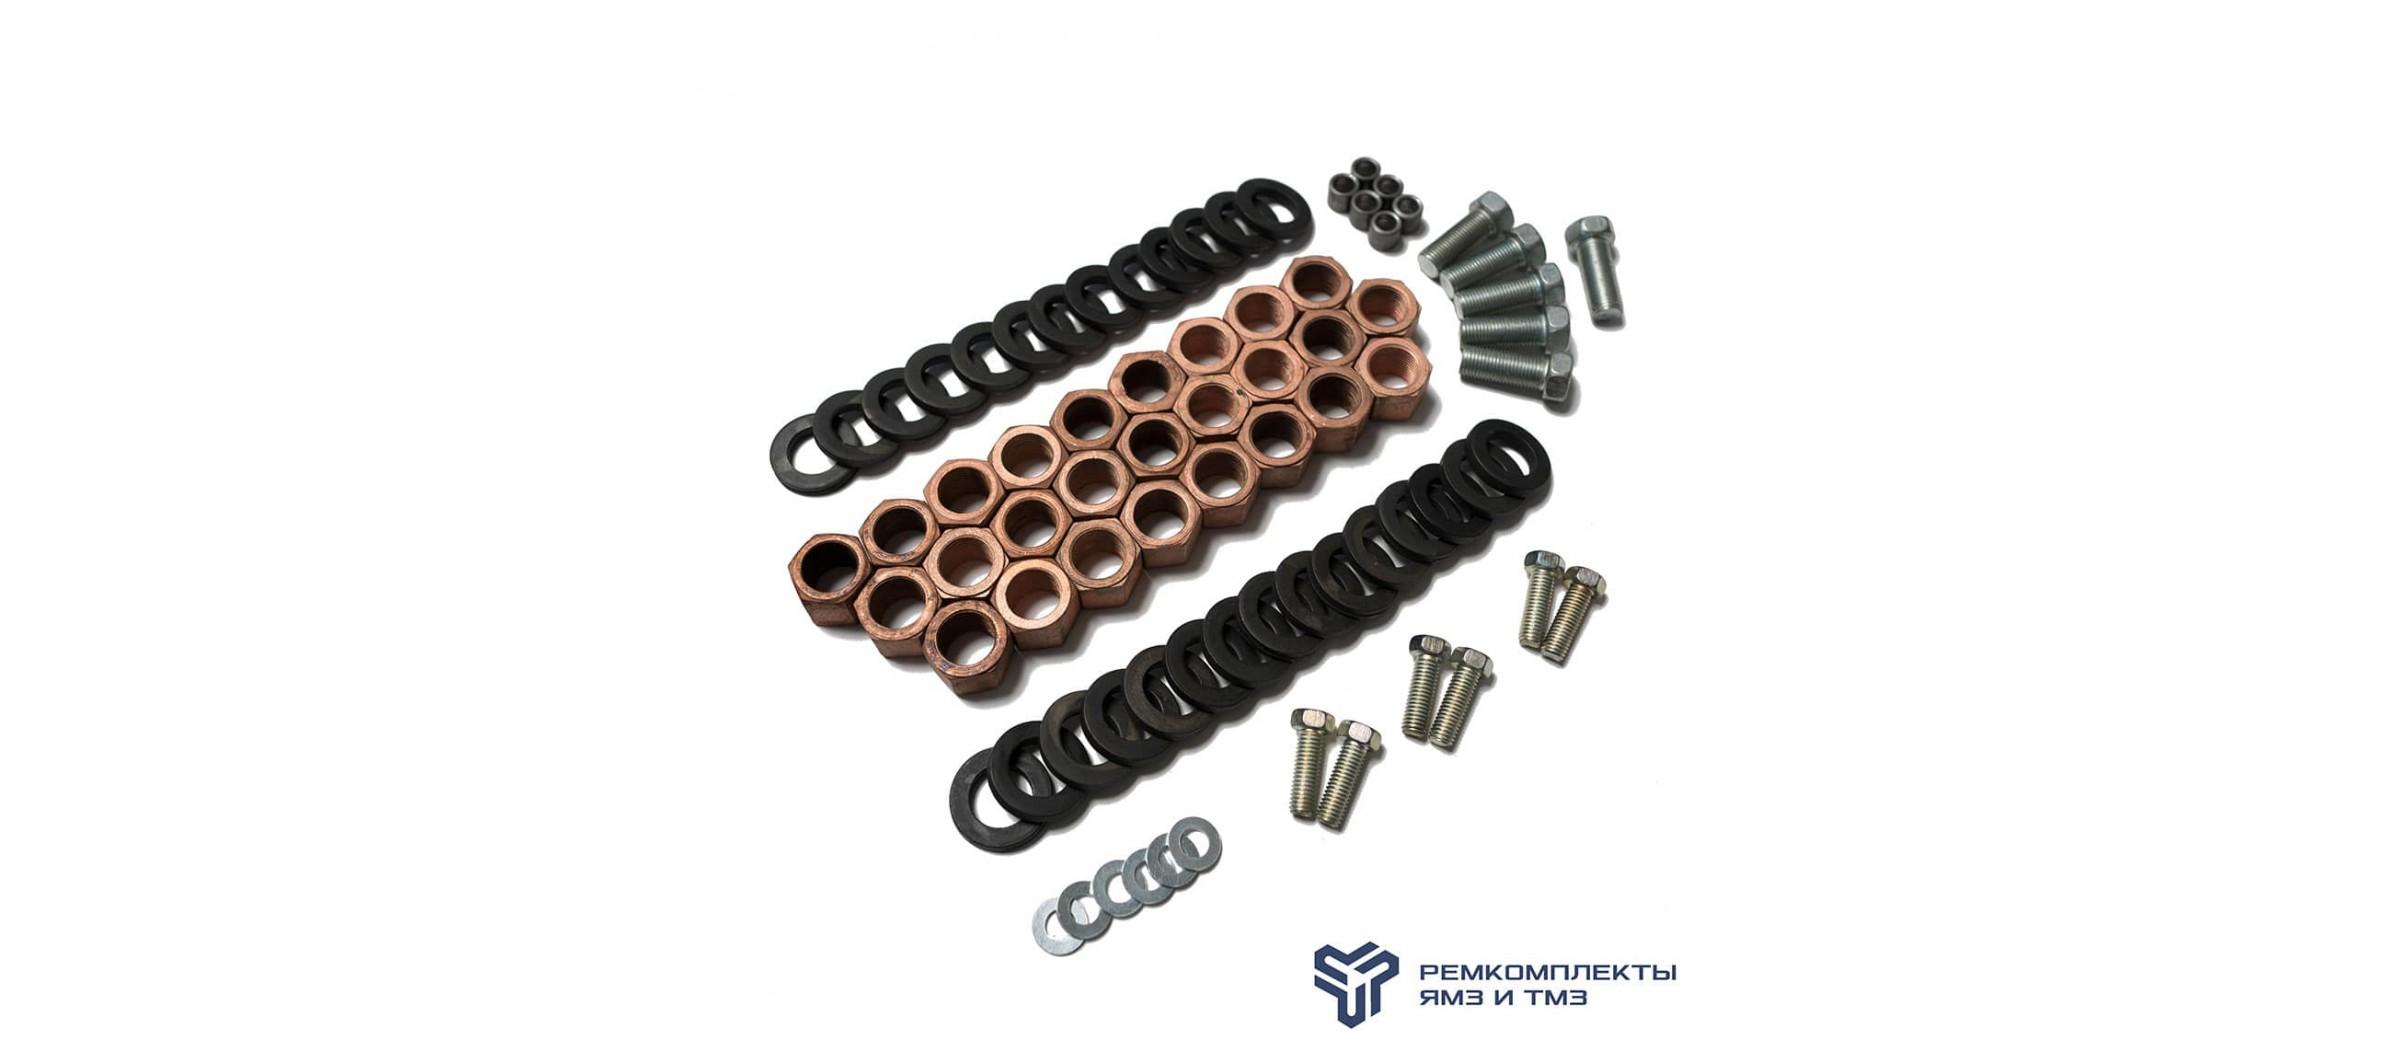 Ремкомплект крепления индивидуальной головки блока цилиндров ЯМЗ-240 (болты, шайбы, гайки)